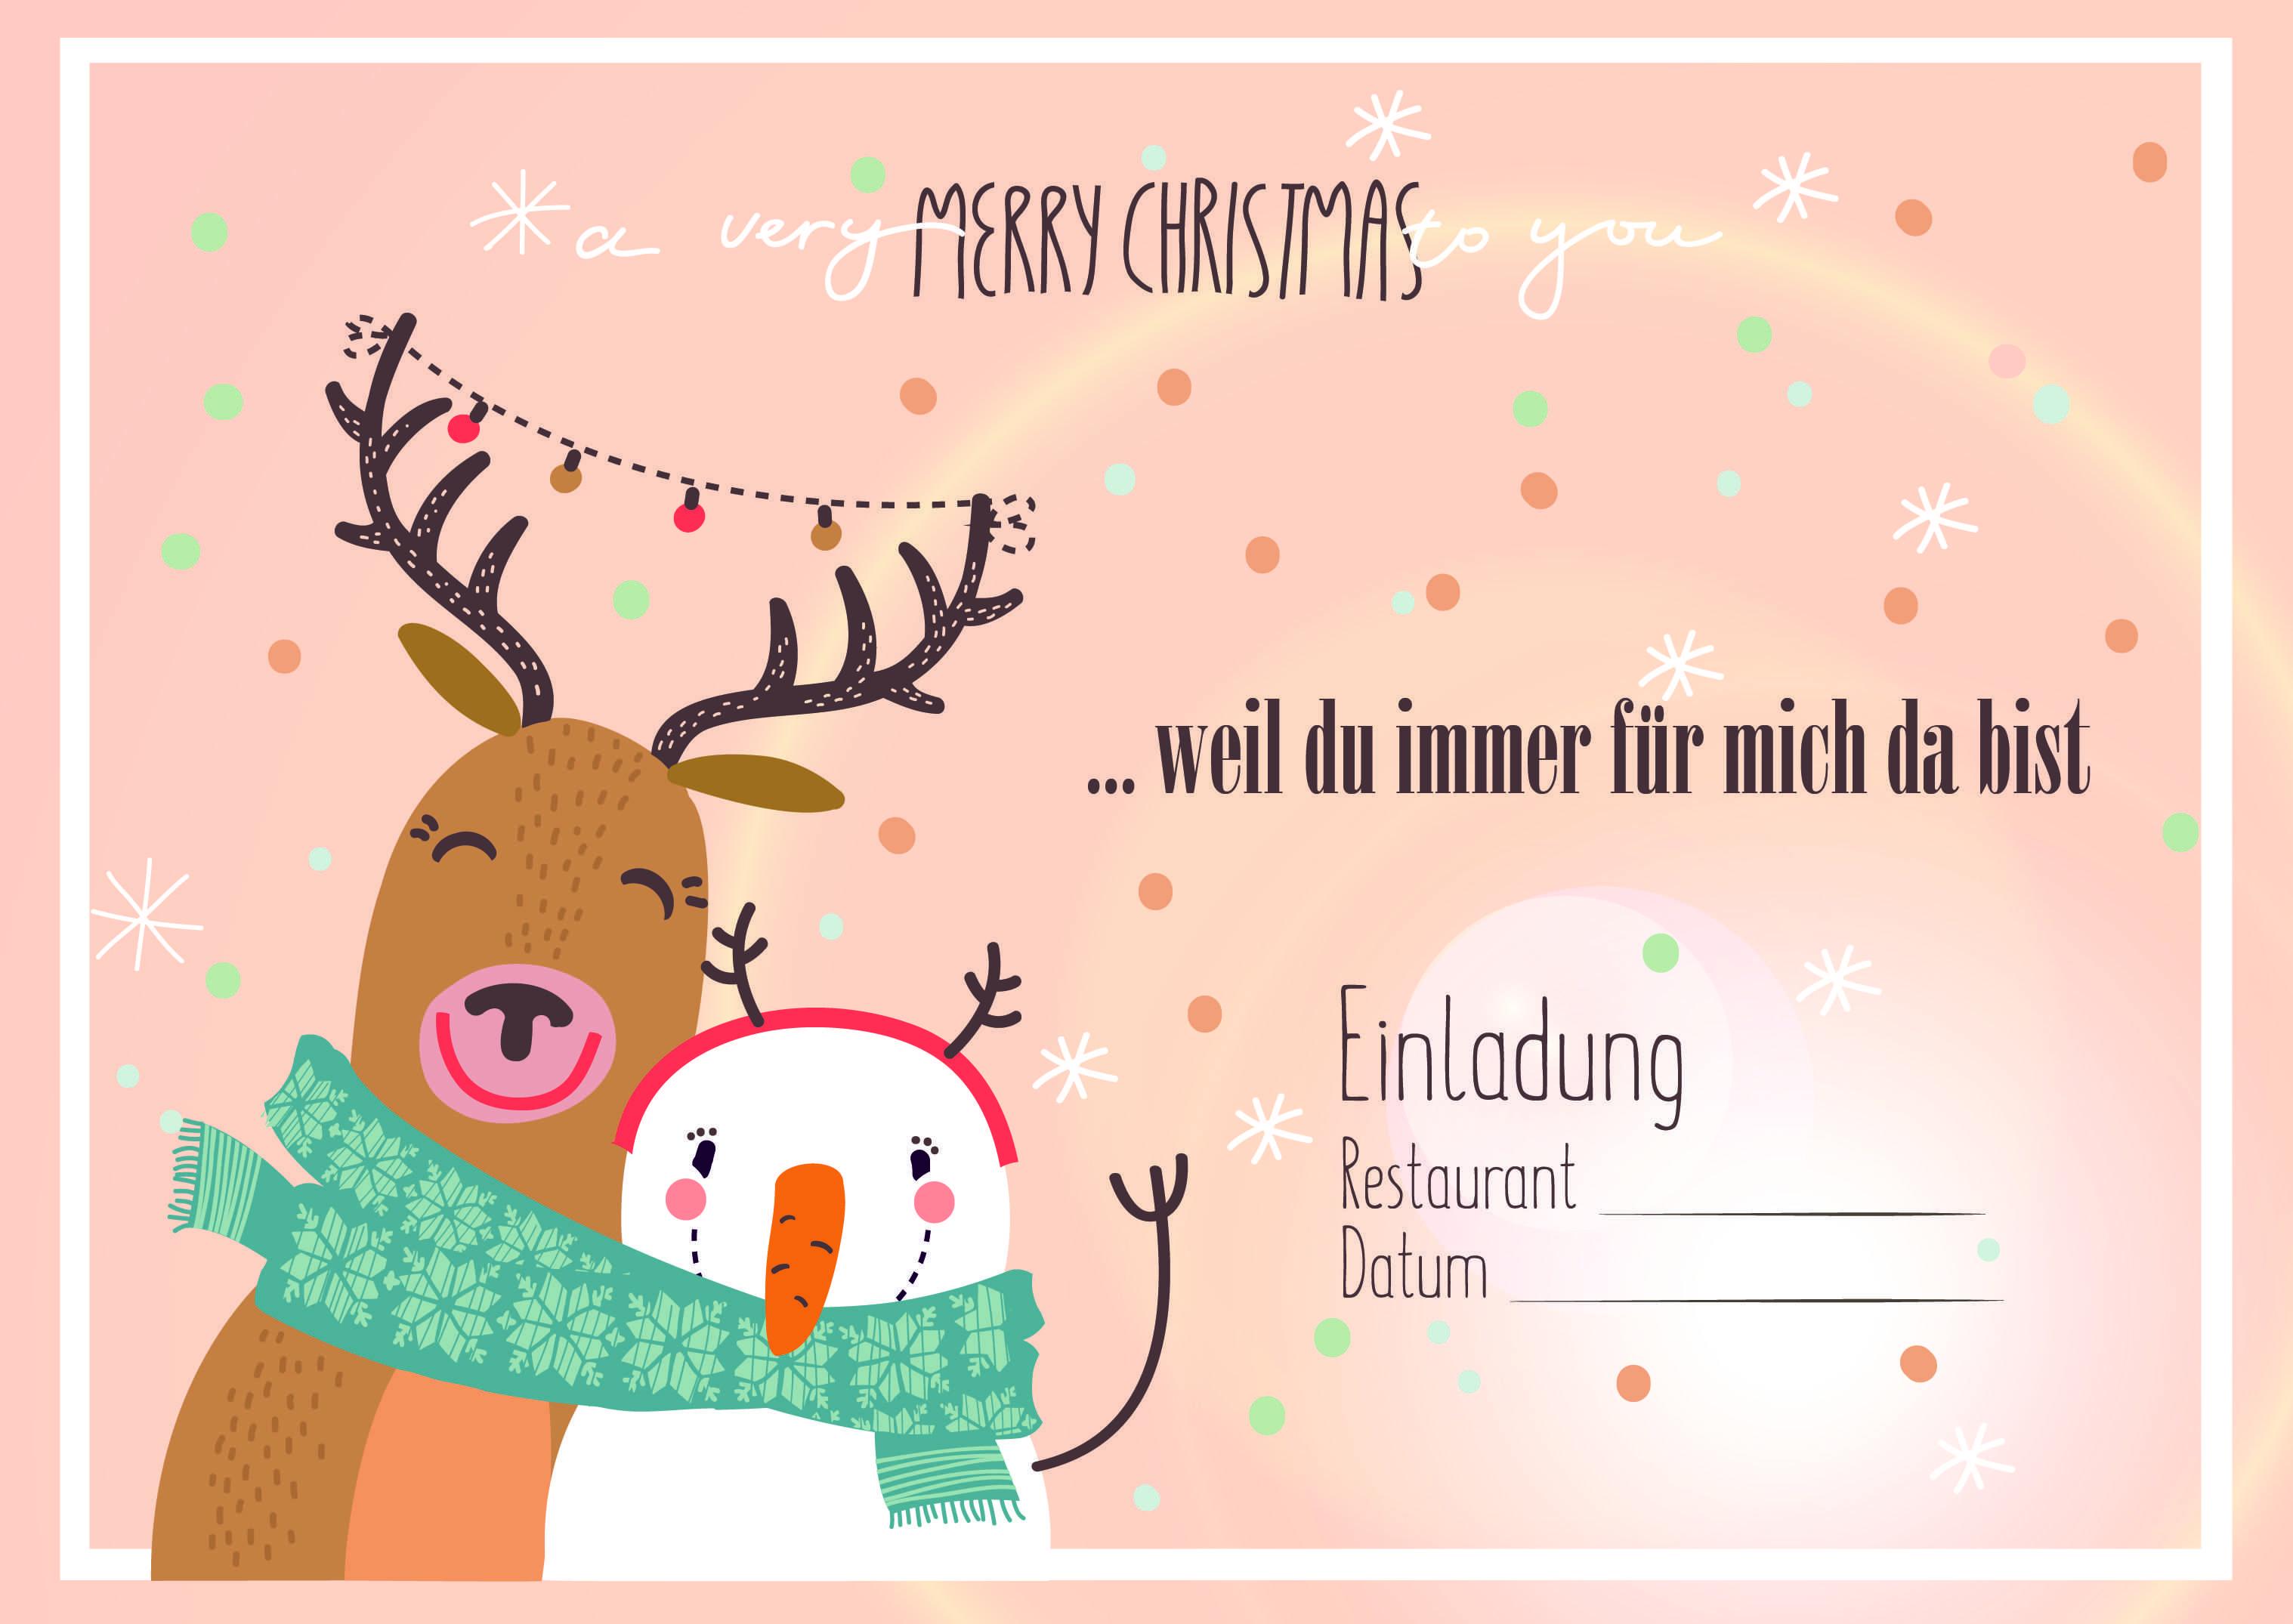 Ihr Sucht Noch Ein Geschenk Fur Weihnachten Unser Restaurant